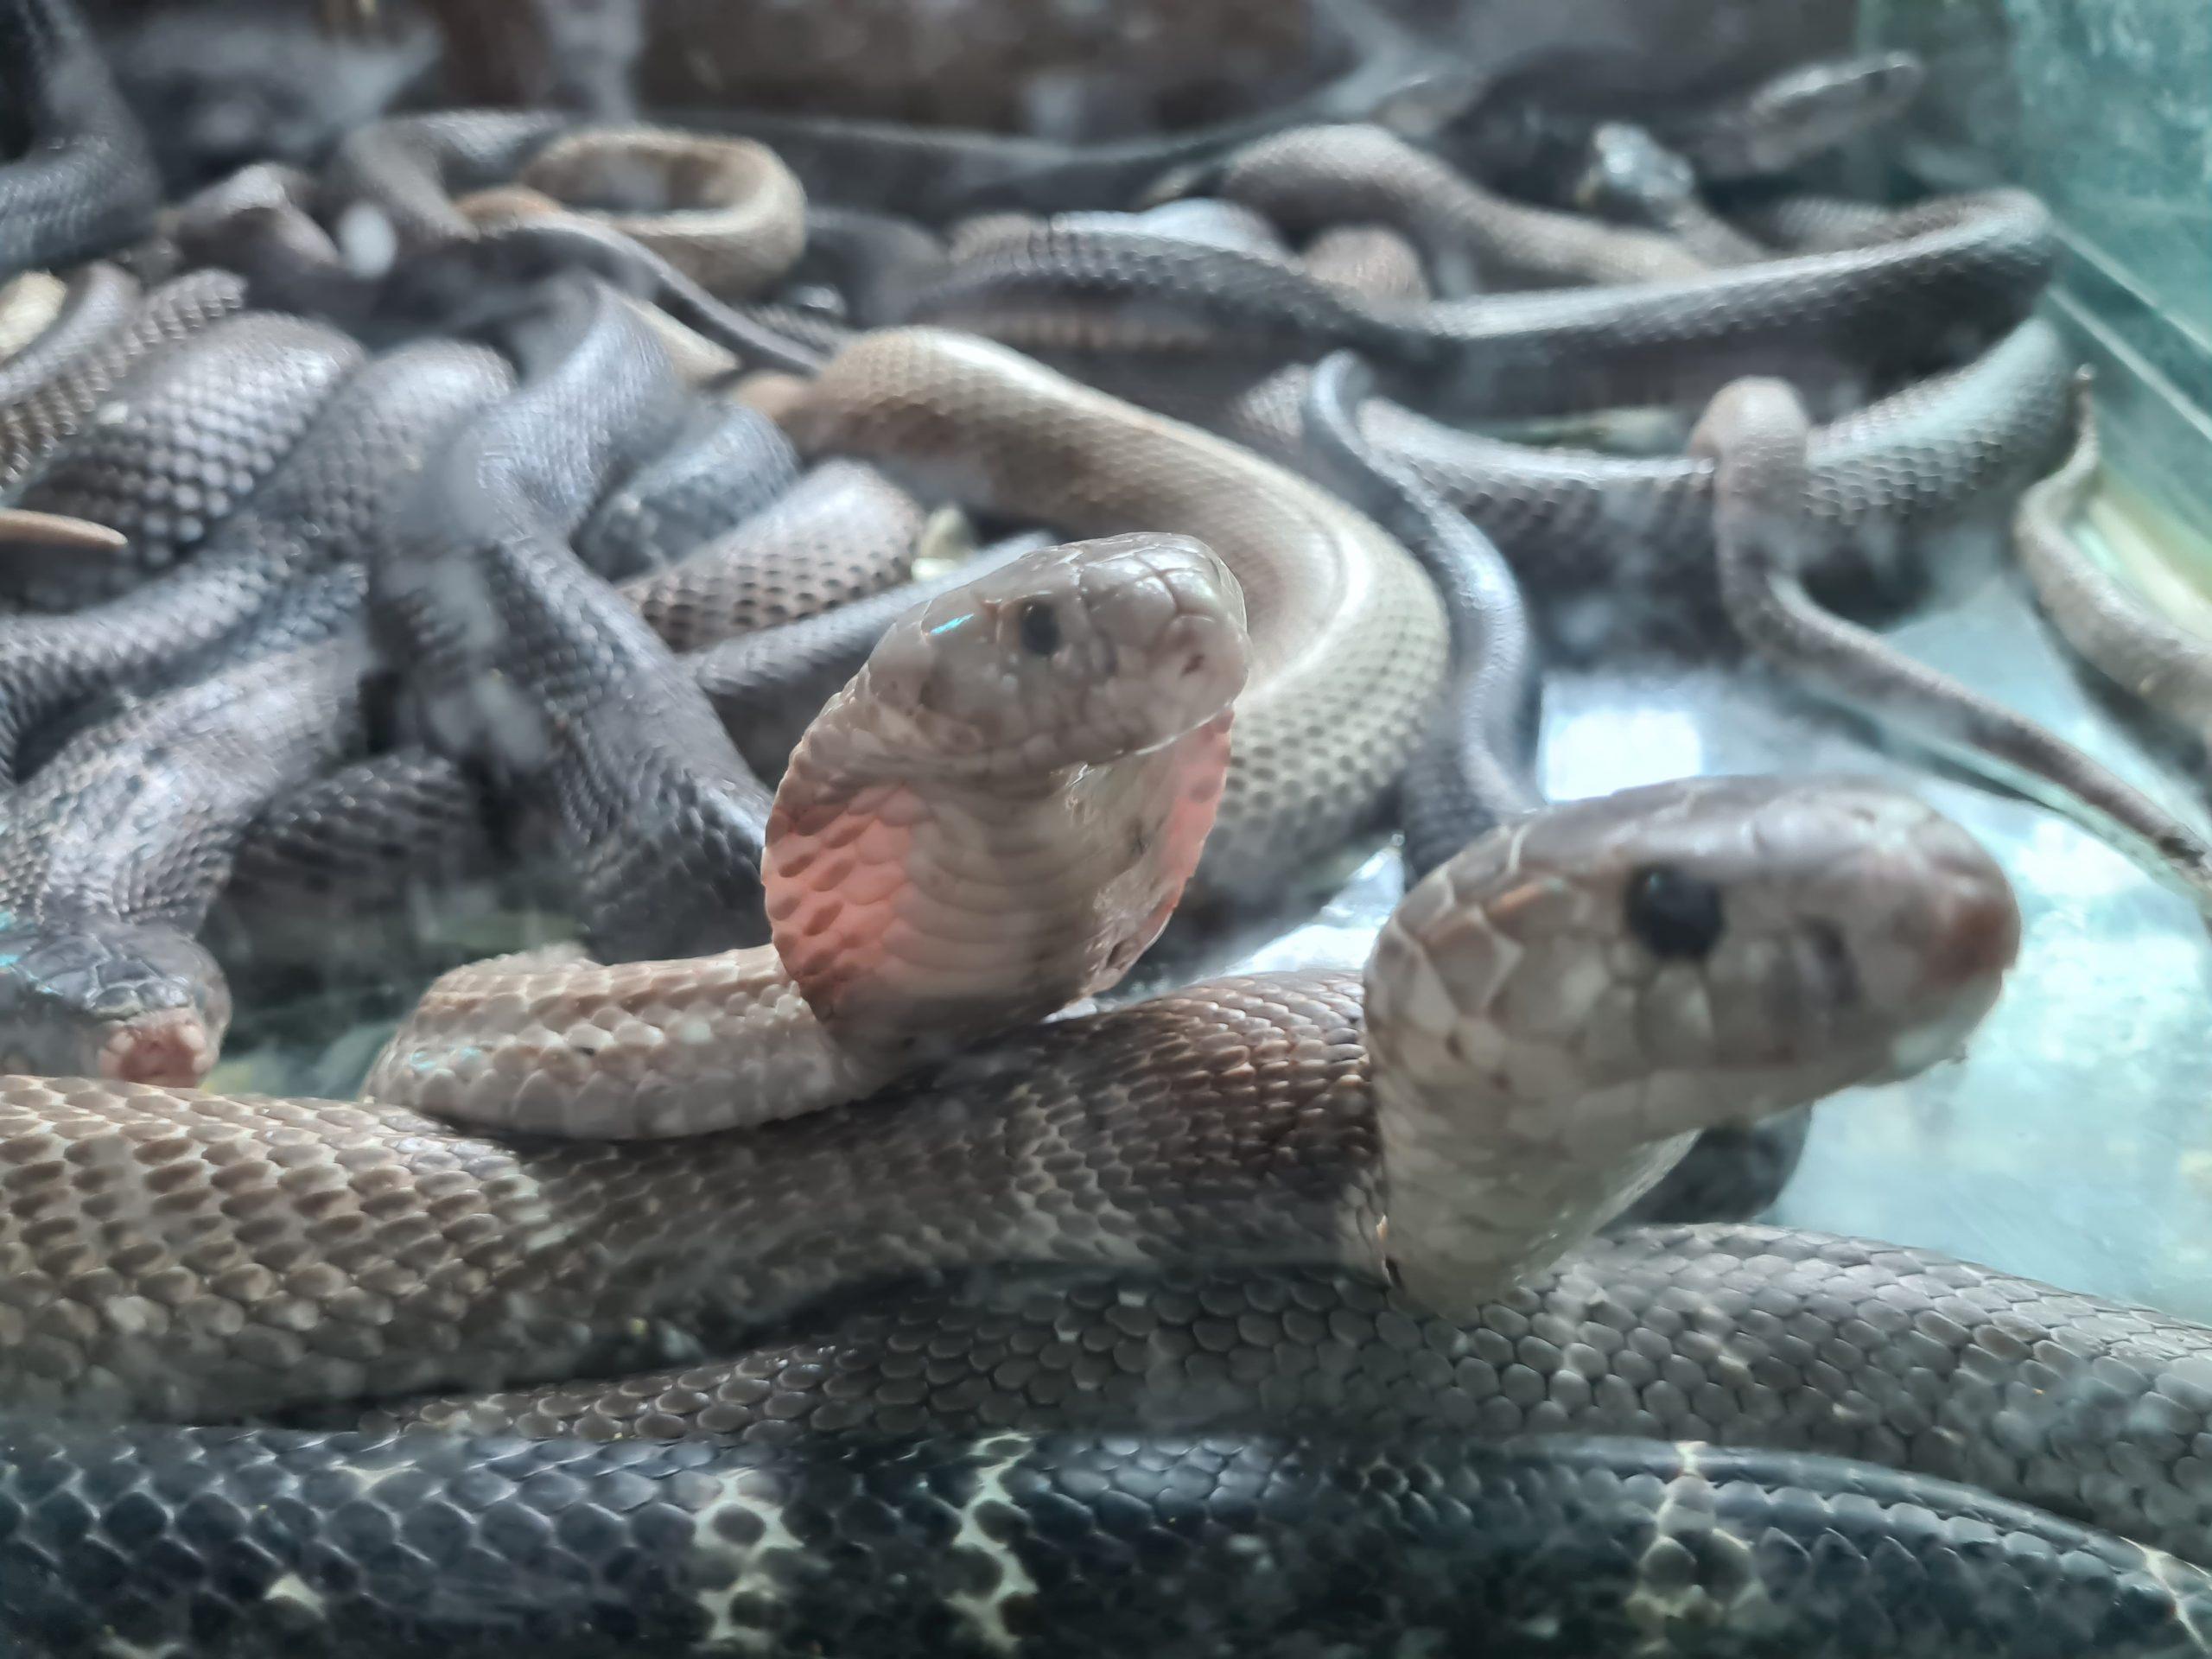 【オンライン体験ツアー】2020年7月25日催行!ハノイ発着「実食!!蛇フルコースランチ体験ツアー」